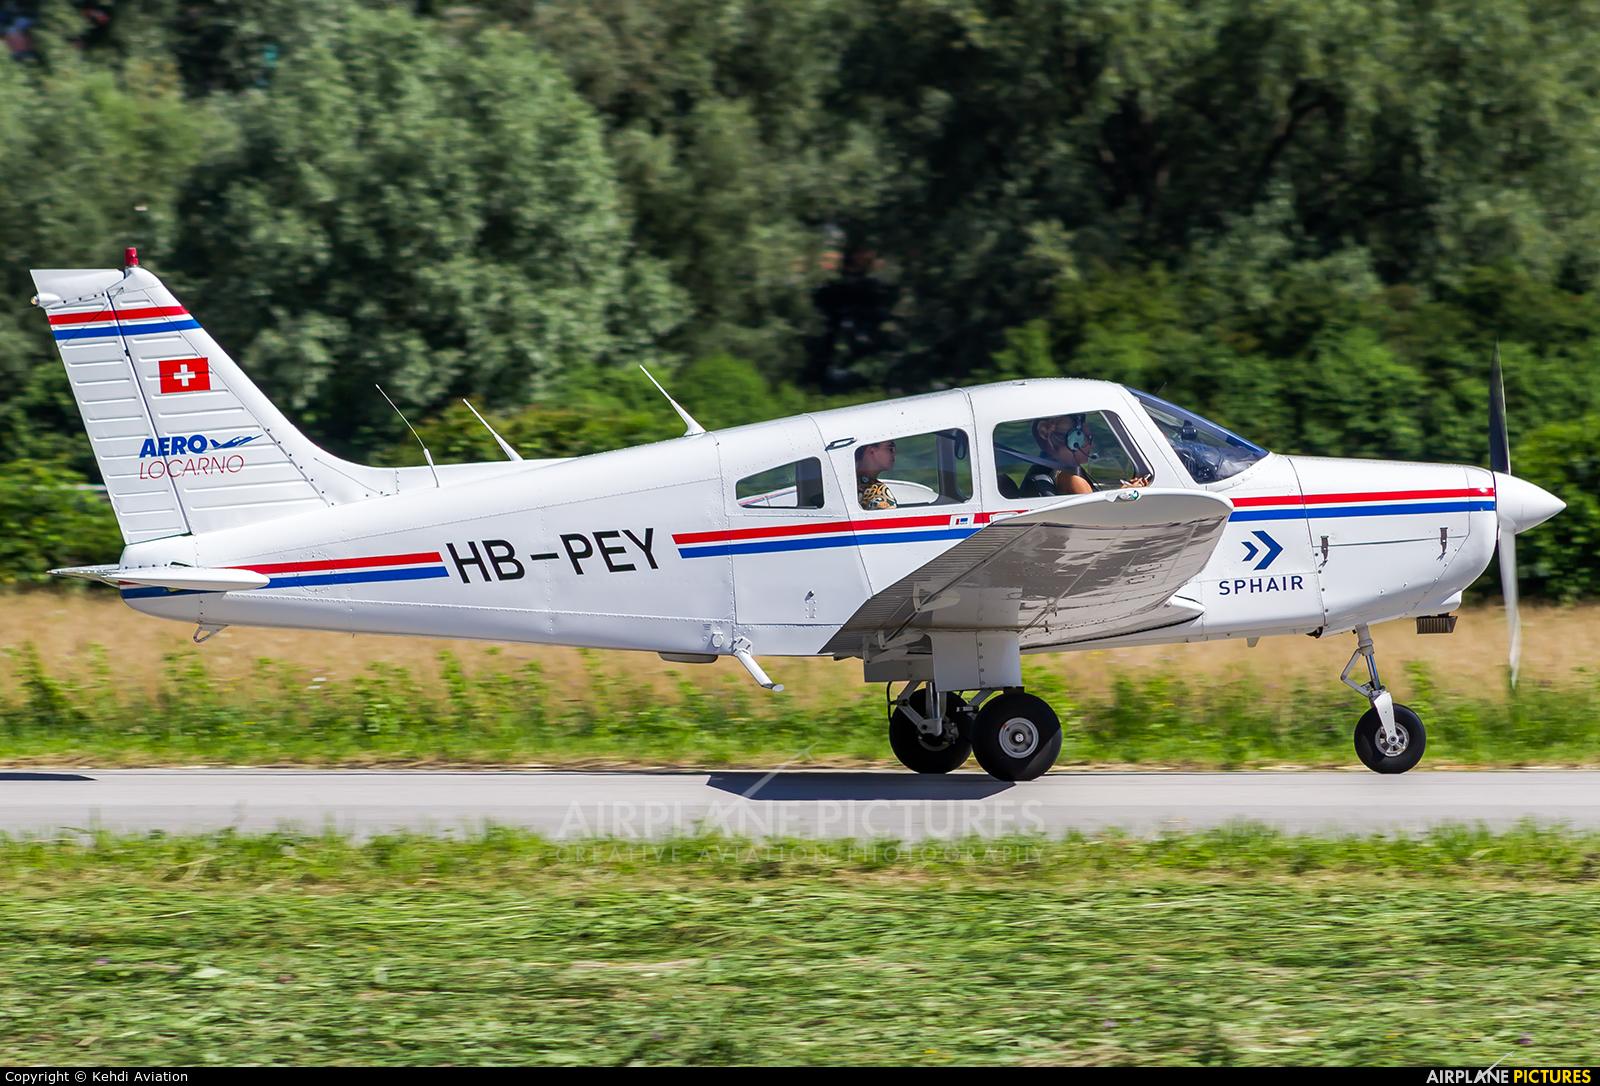 Private HB-PEY aircraft at Locarno